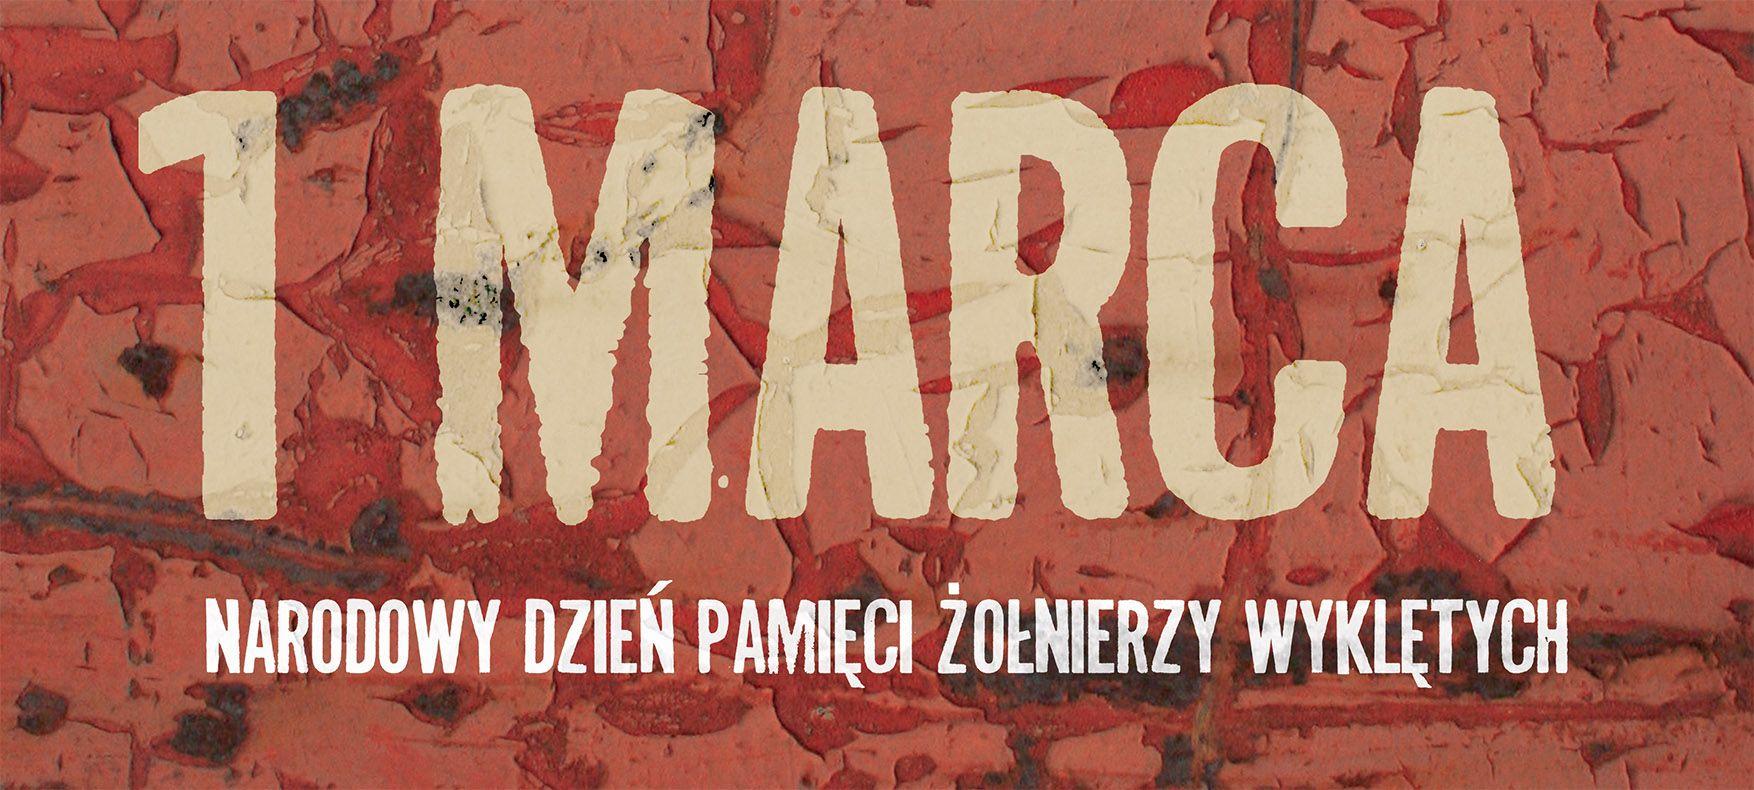 2 marca Czyżew - Dzień Pamięci ˝Żołnierzy Wyklętych˝